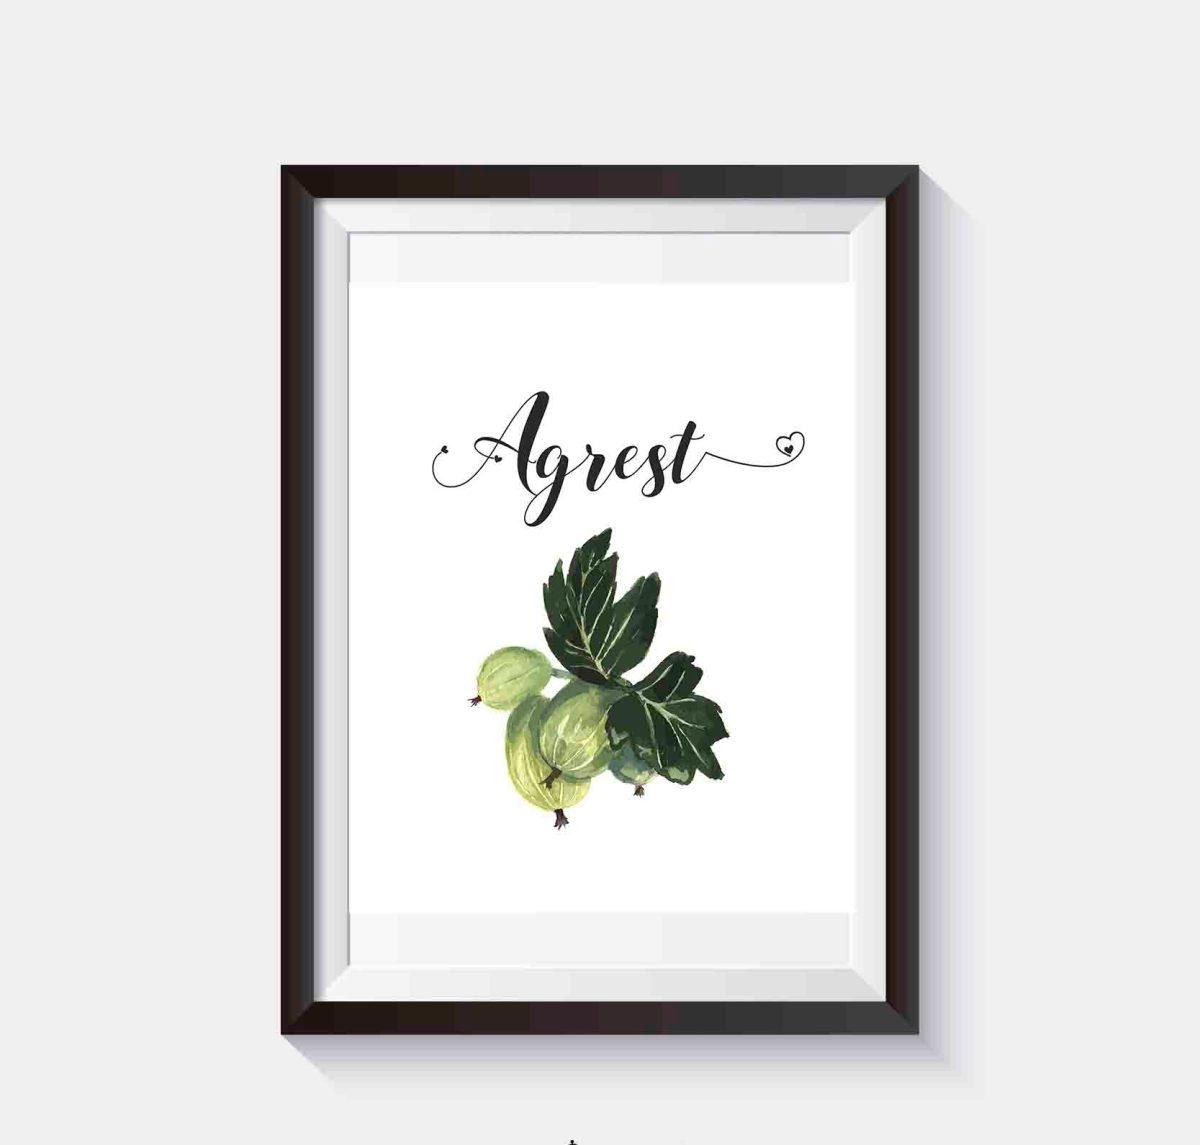 Darmowy plakat do kuchni do wydruku Owoce agrest